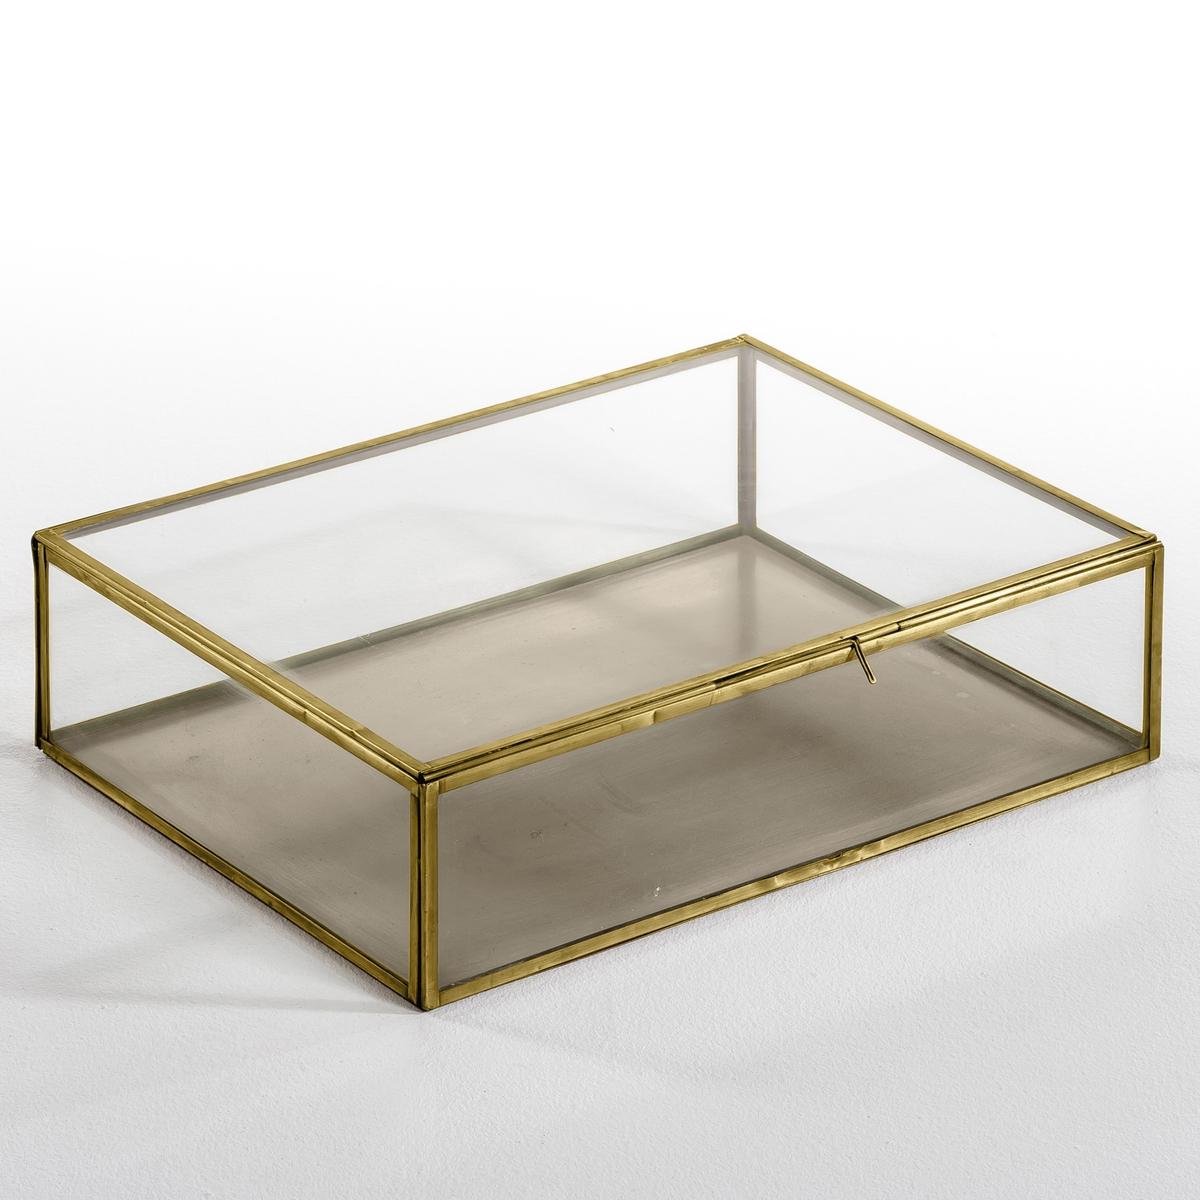 Коробка-витрина для хранения MisiaКоробка-витрина большая, Misia. Этот уникальный предмет декора позволит спрятать и, вместе с тем, выставить на всеобщее обозрение самые важные вещи и украшения. Изготовлена и собрана вручную. Уникальный аксессуар, который сделает декор комнаты неповторимым.Описание:- Выполнена из стекла и металлаРазмеры: - Д. 30 x В. 10,5 x Г. 40 см.    - Размеры внутри: Д. 29 x В. 10 x Г. 39 см.<br><br>Цвет: латунь<br>Размер: единый размер